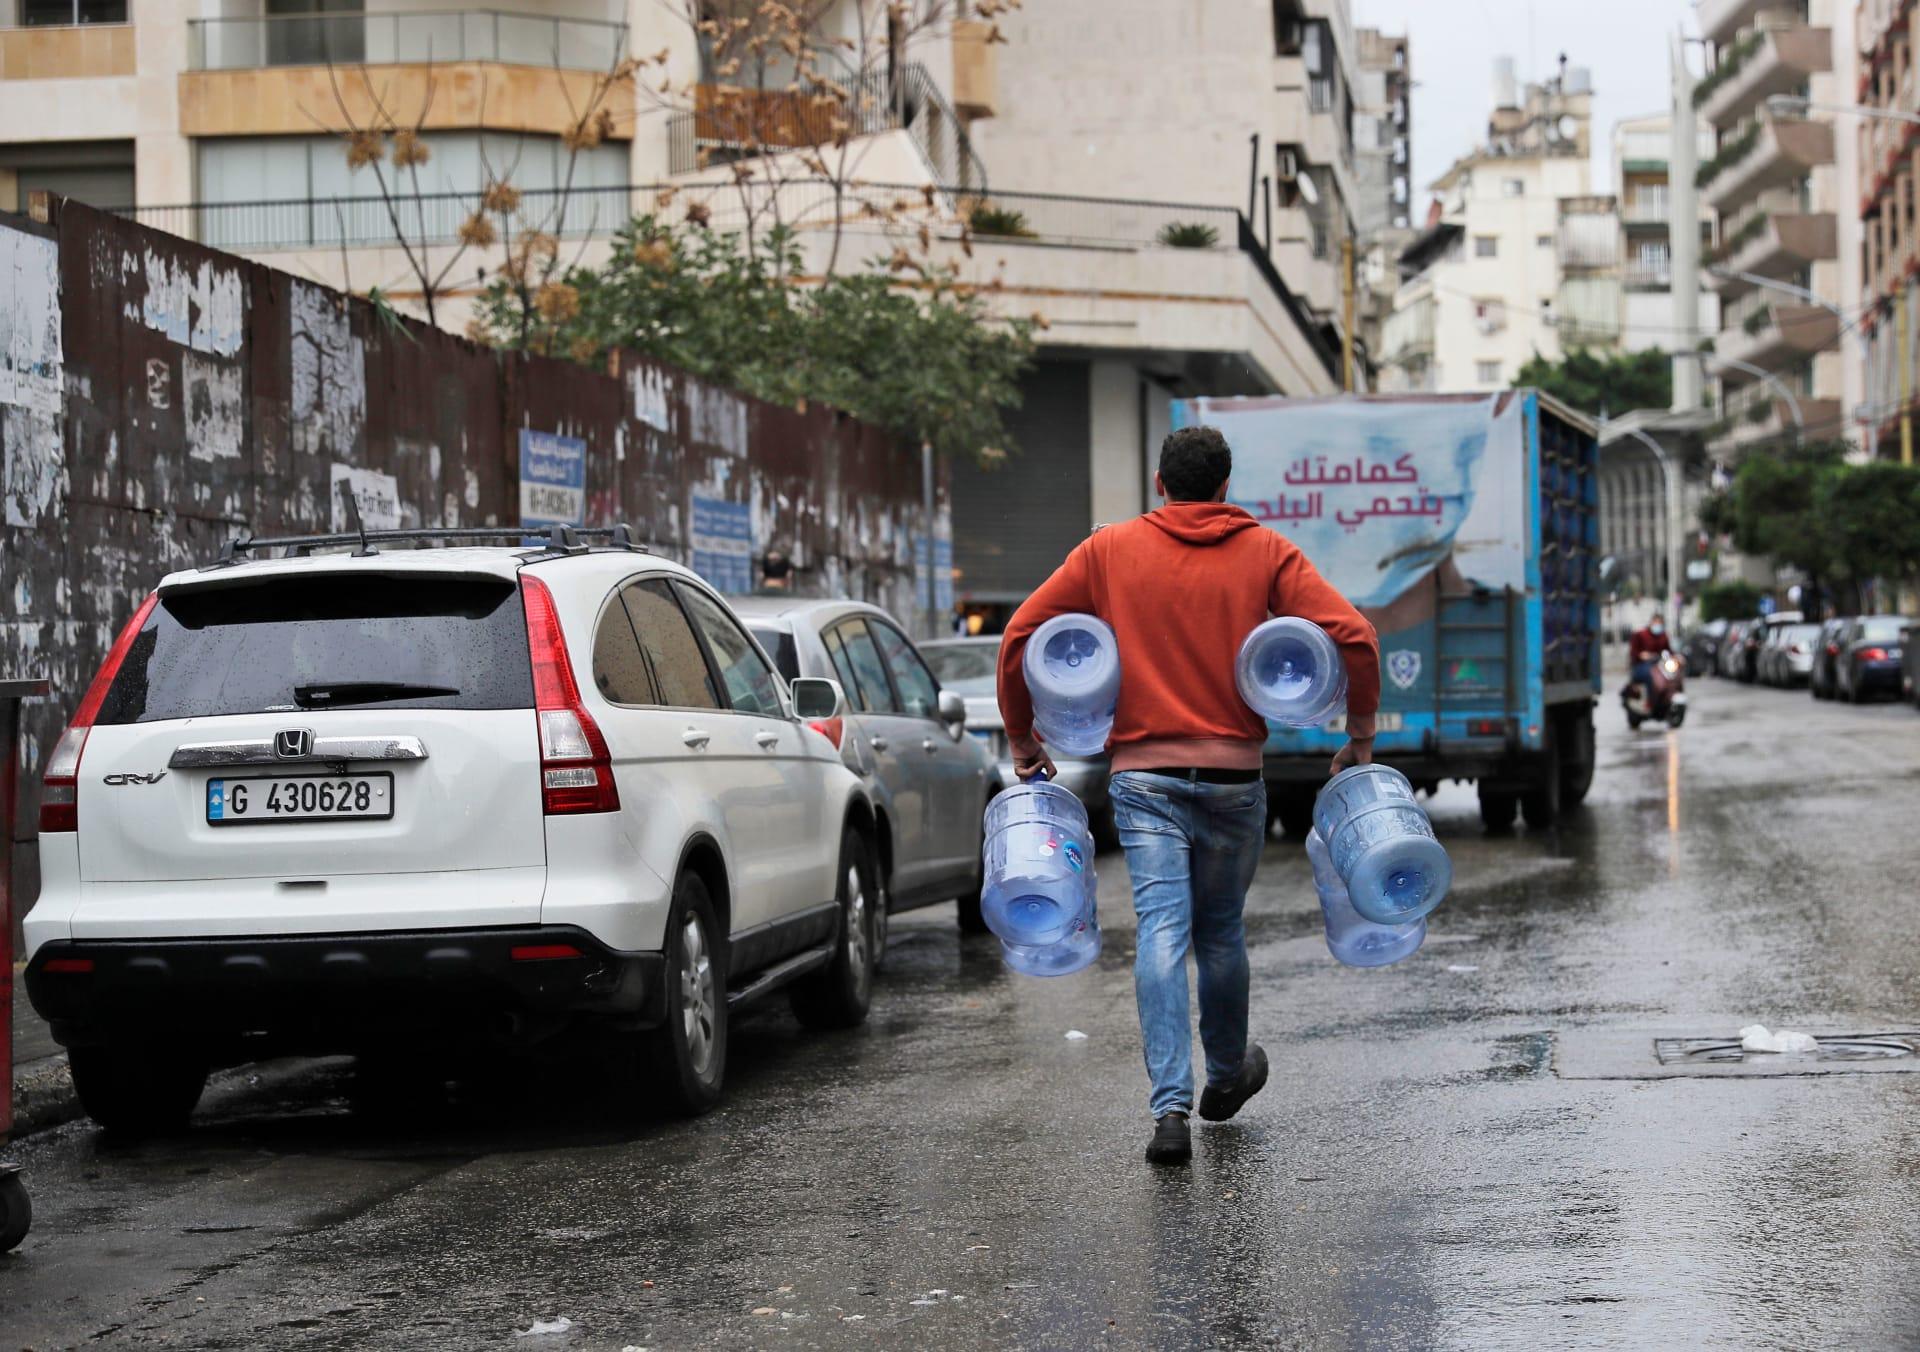 شاب يسير مع جالون ماء فارغ في شارع شبه مهجور في العاصمة بيروت، حيث يدخل لبنان يومه الأول من الإغلاق الصارم الذي فرضته السلطات في محاولة لوقف انتشار فيروس كورونا، في 14 كانون الثاني (يناير) 2021